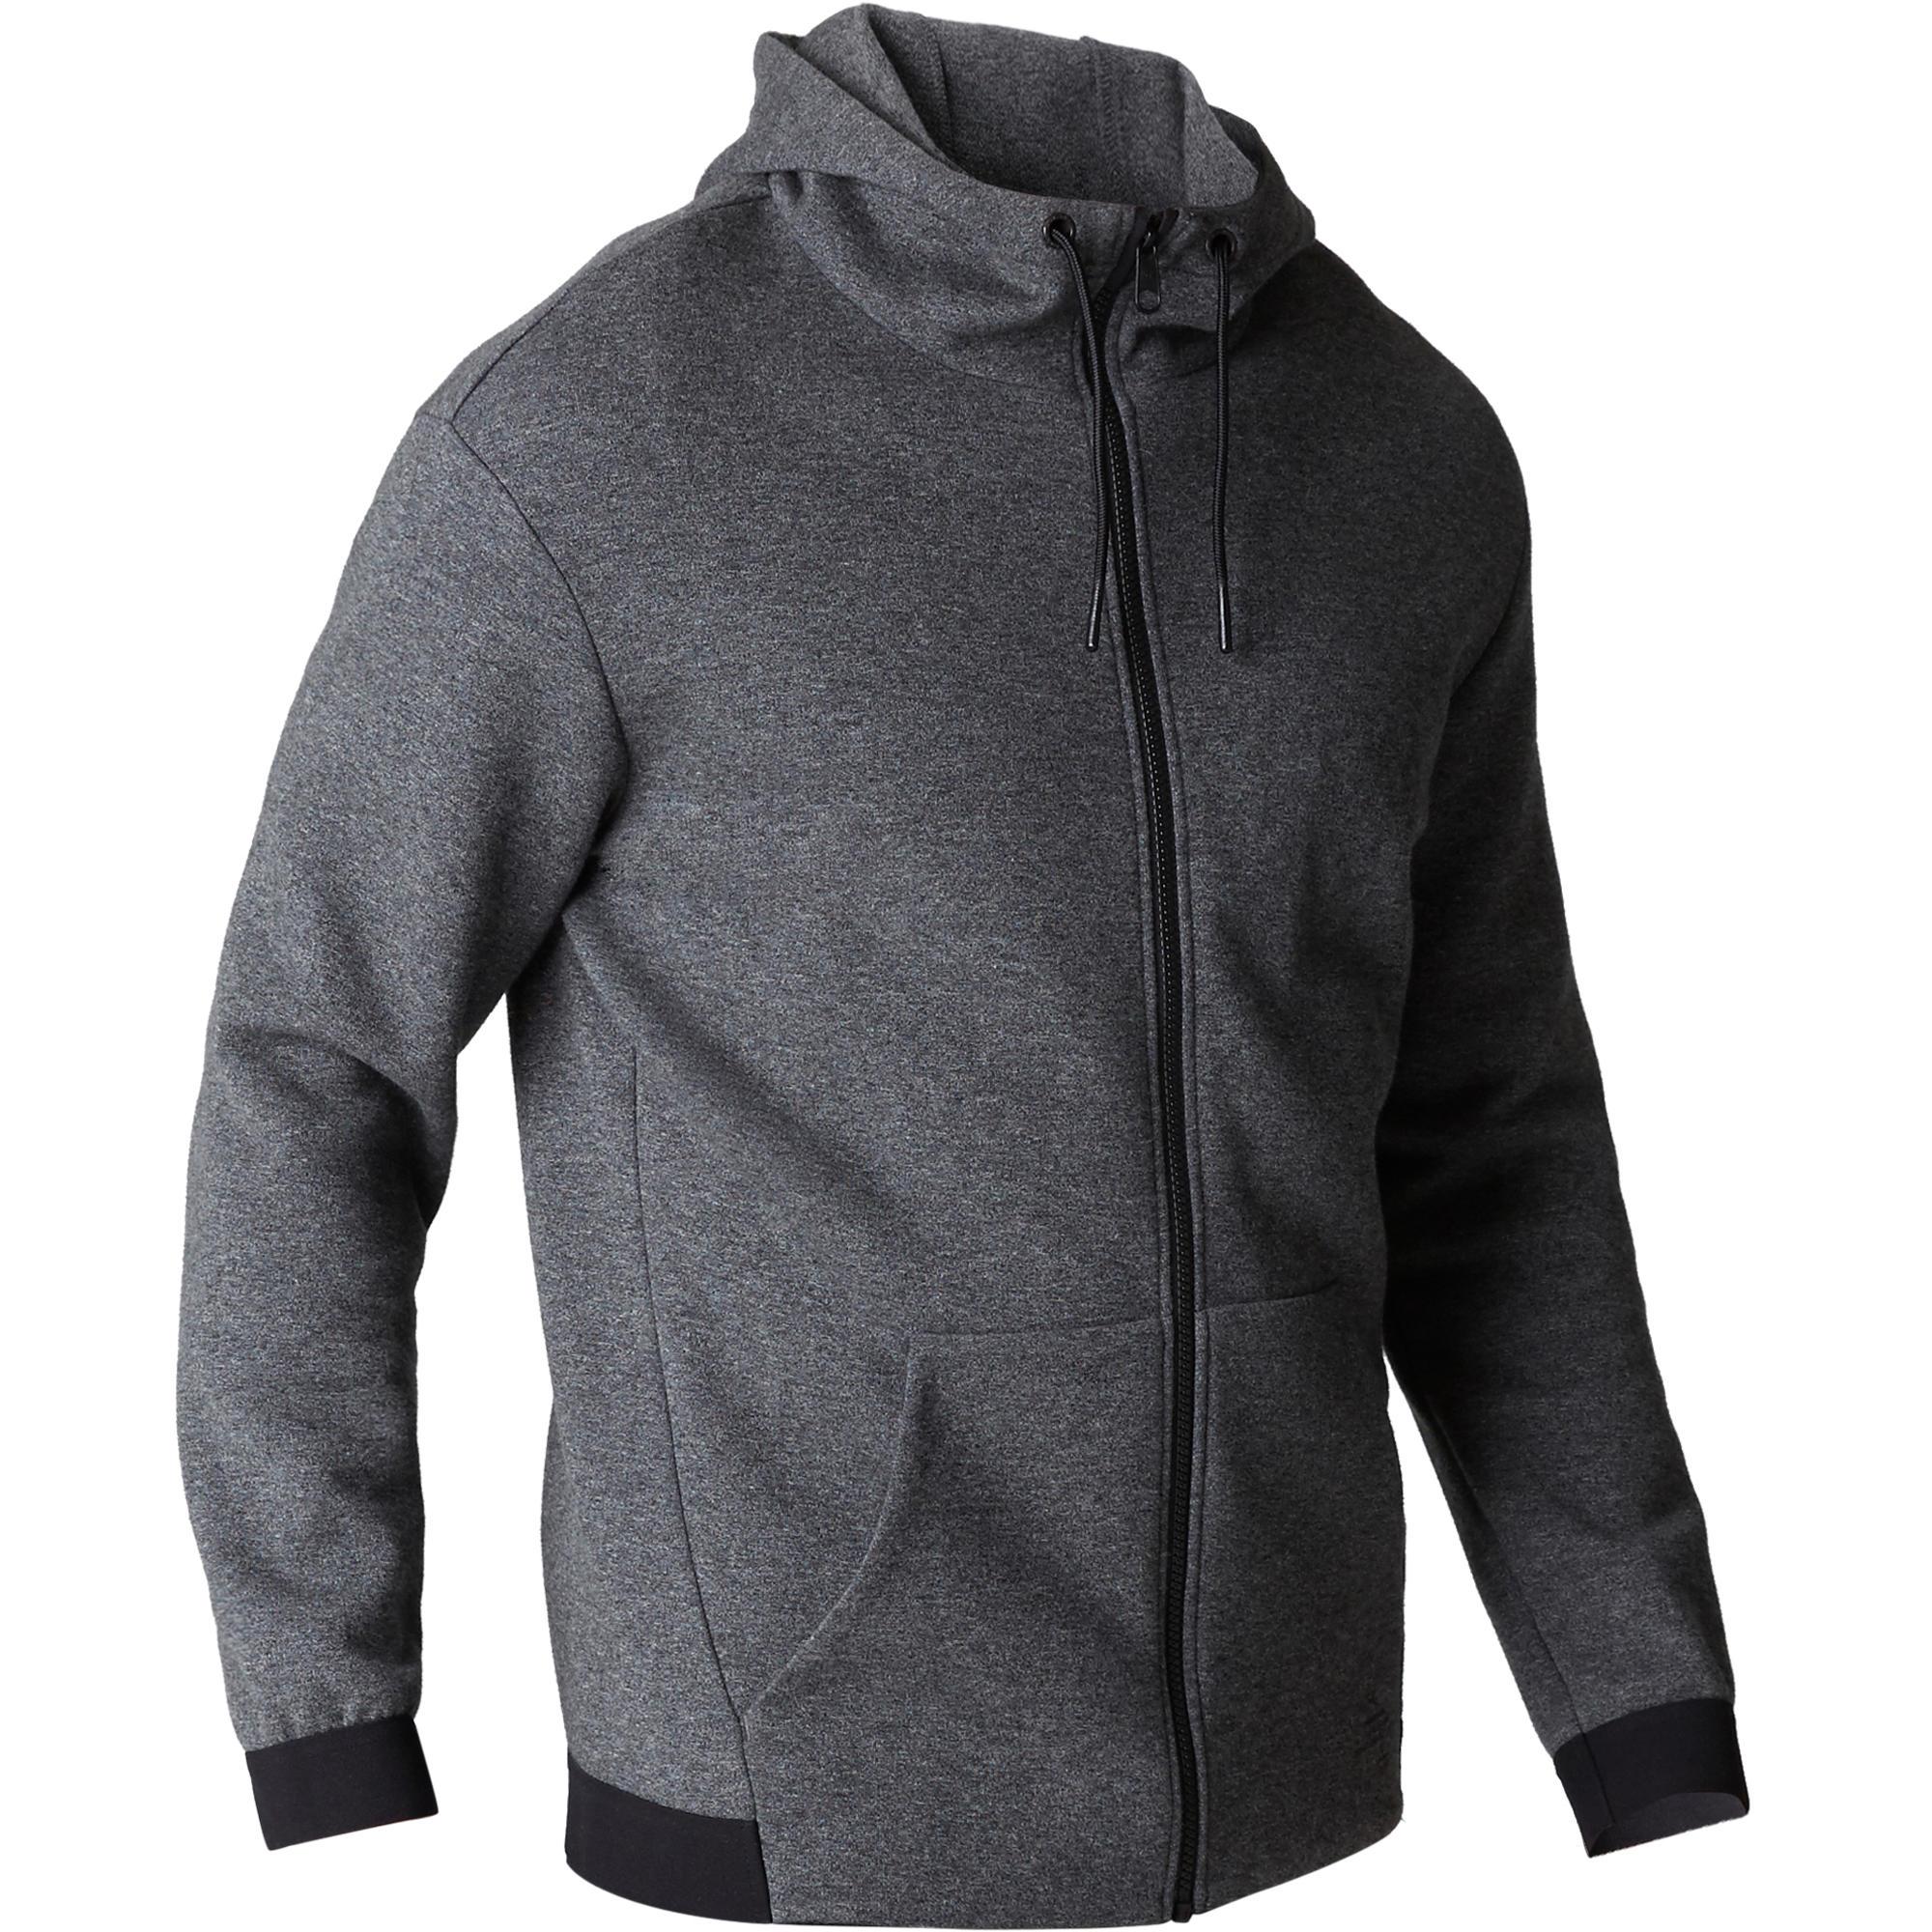 Veste 560 capuche gymnastique d'étirement homme gris chiné foncé